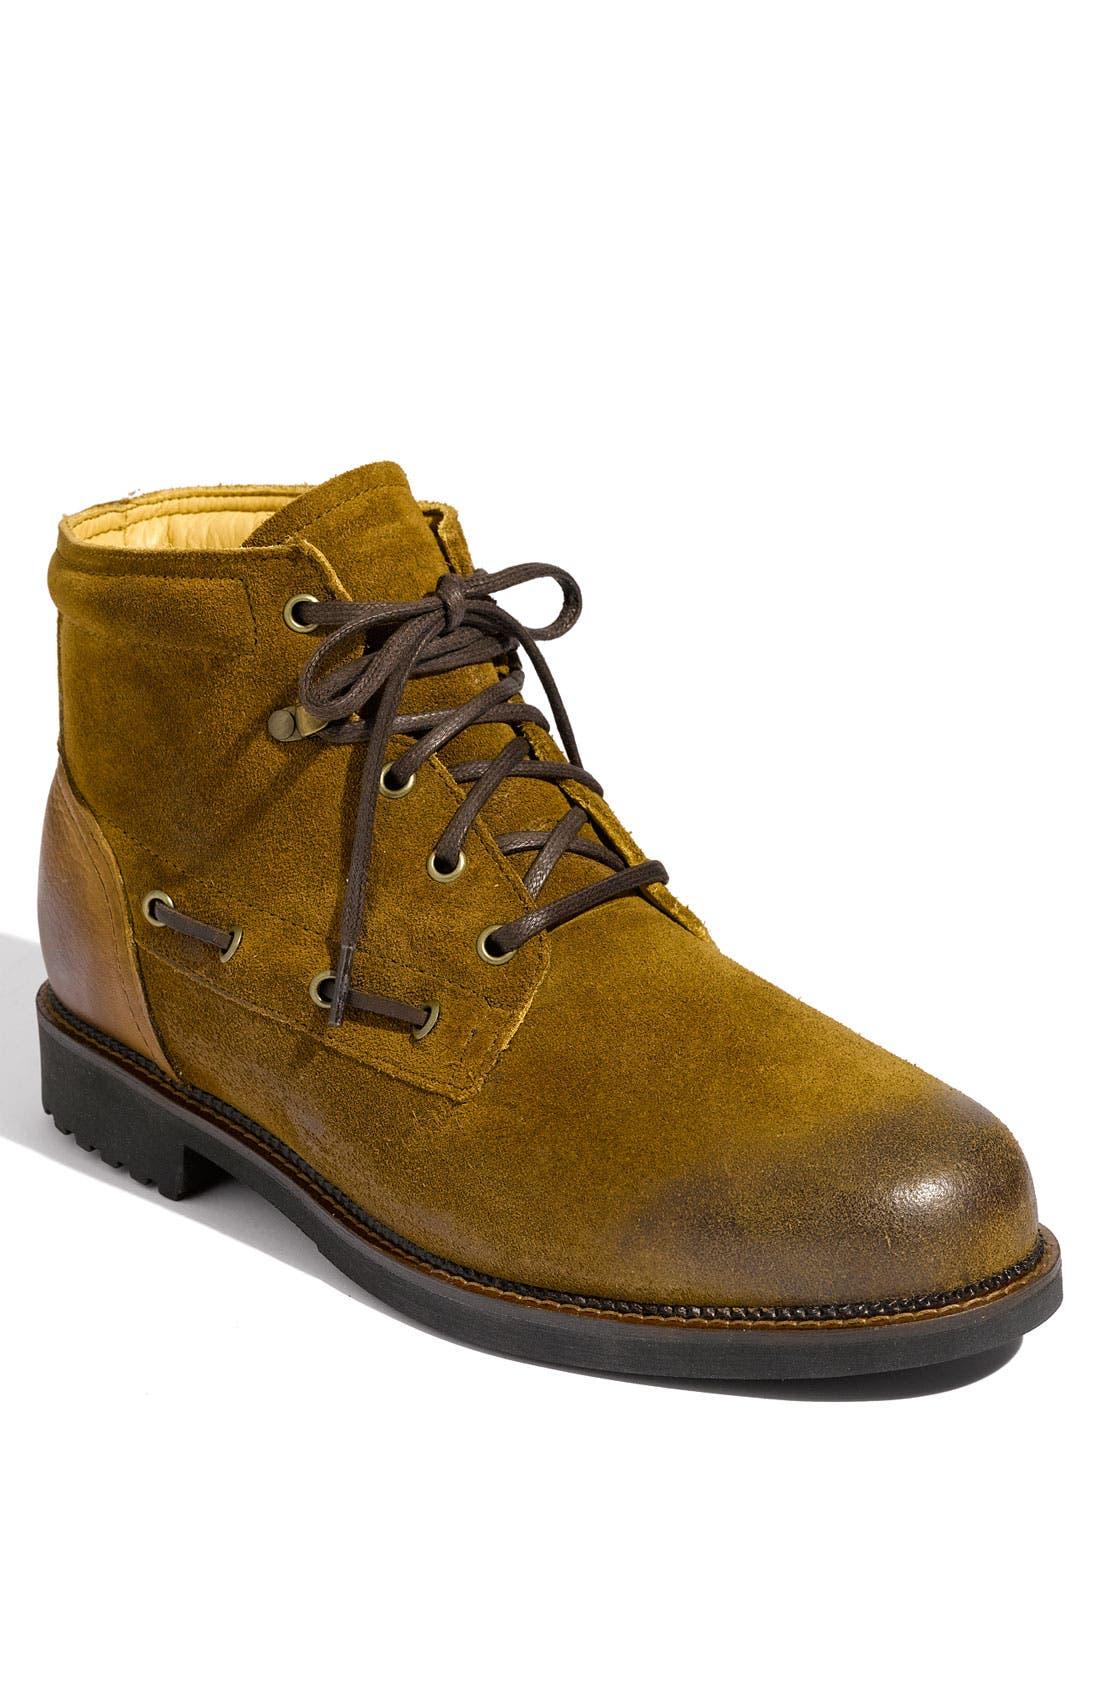 Main Image - Neil M 'Jasper' Boot (Online Only)